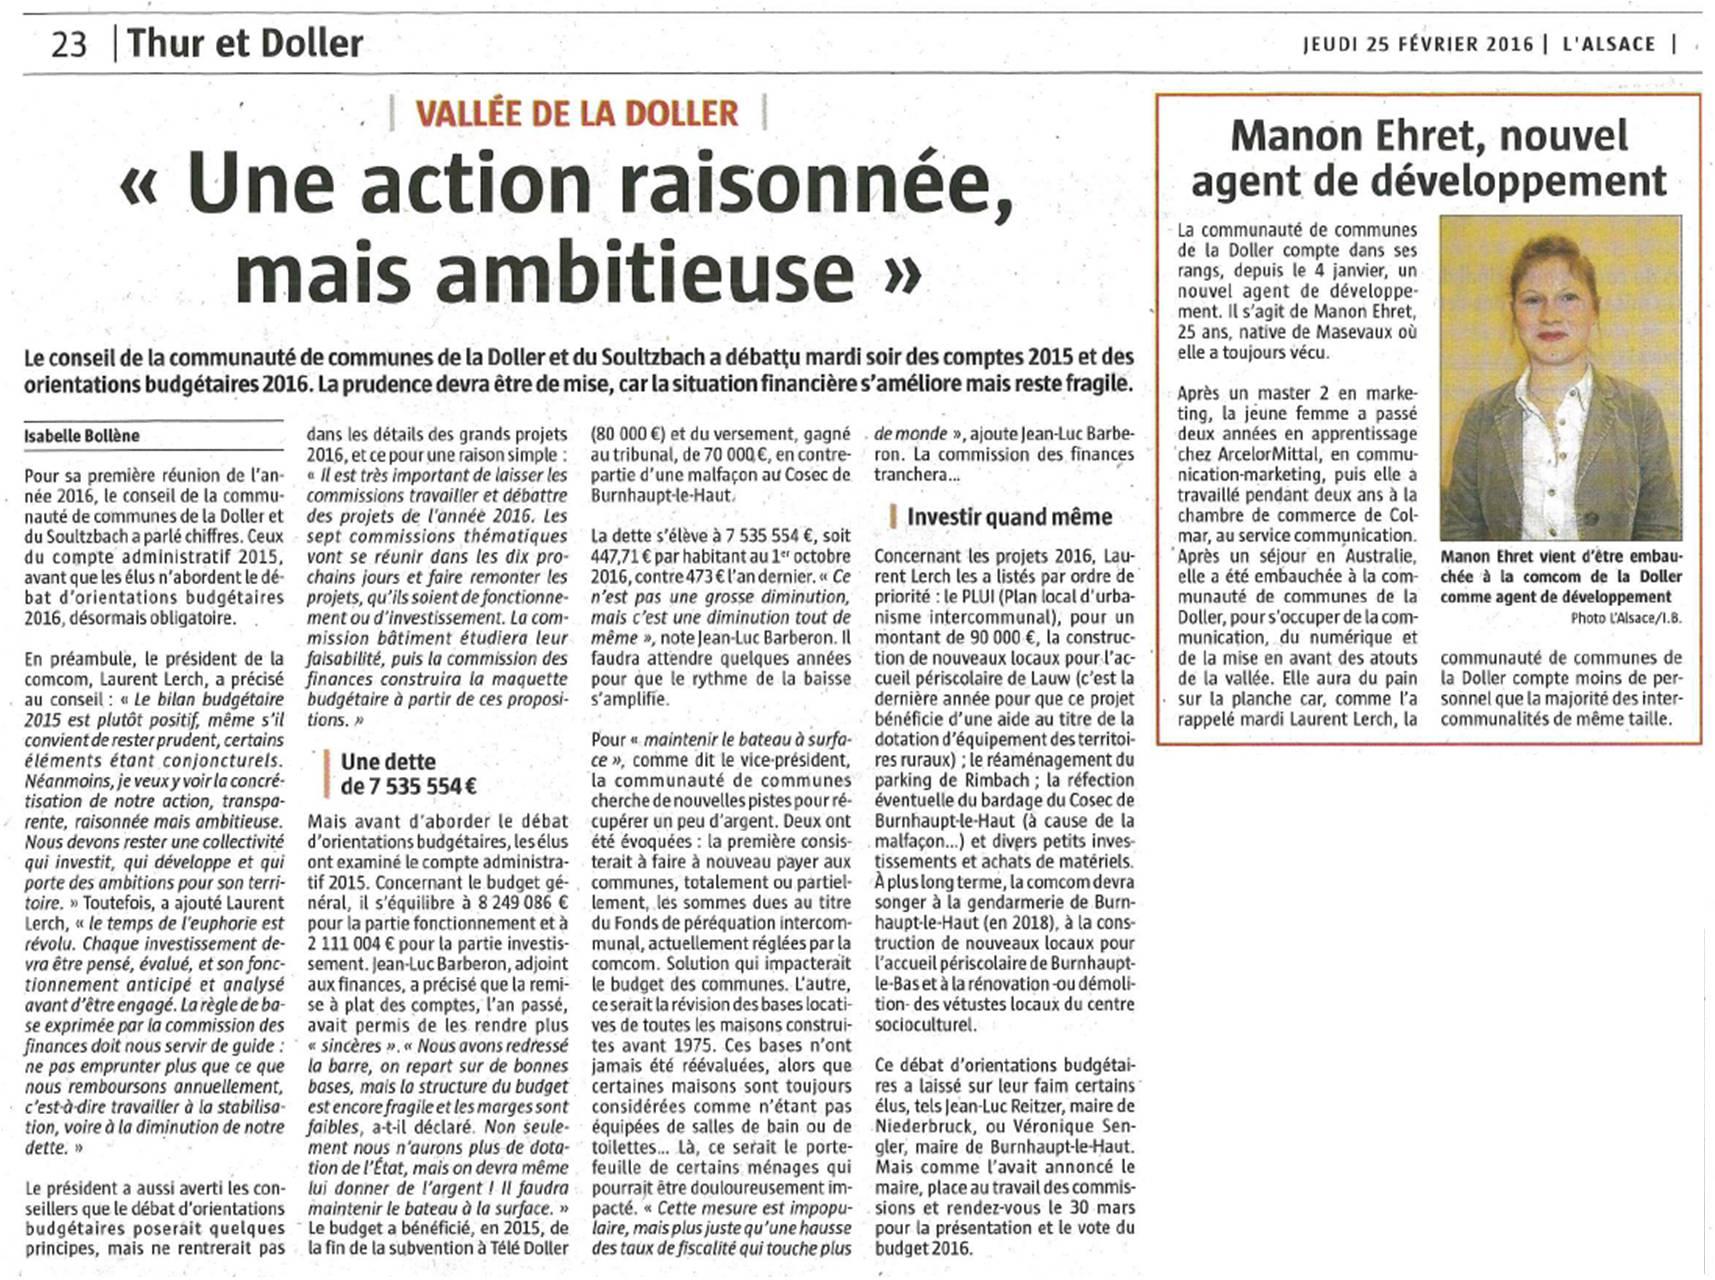 Presse - Conseil communautaire (25-02-2016)